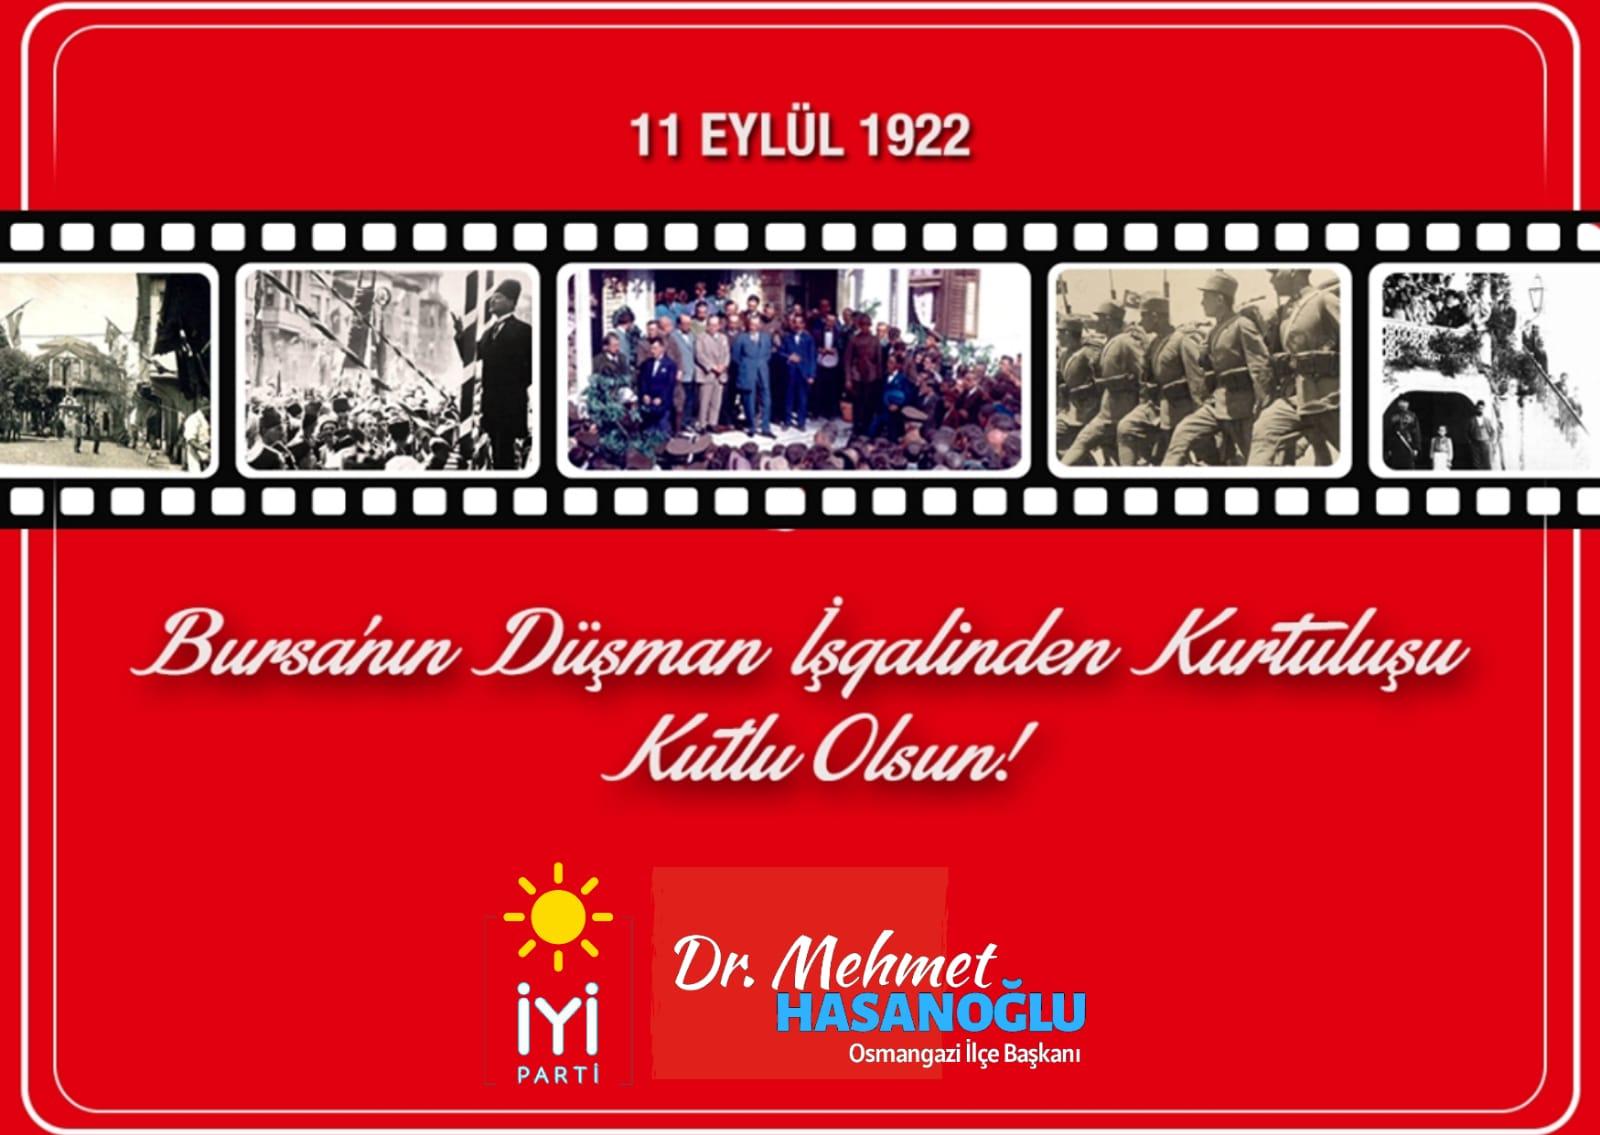 Bursa'nın Kurtuluşunun 98. Yılı Kutlu Olsun